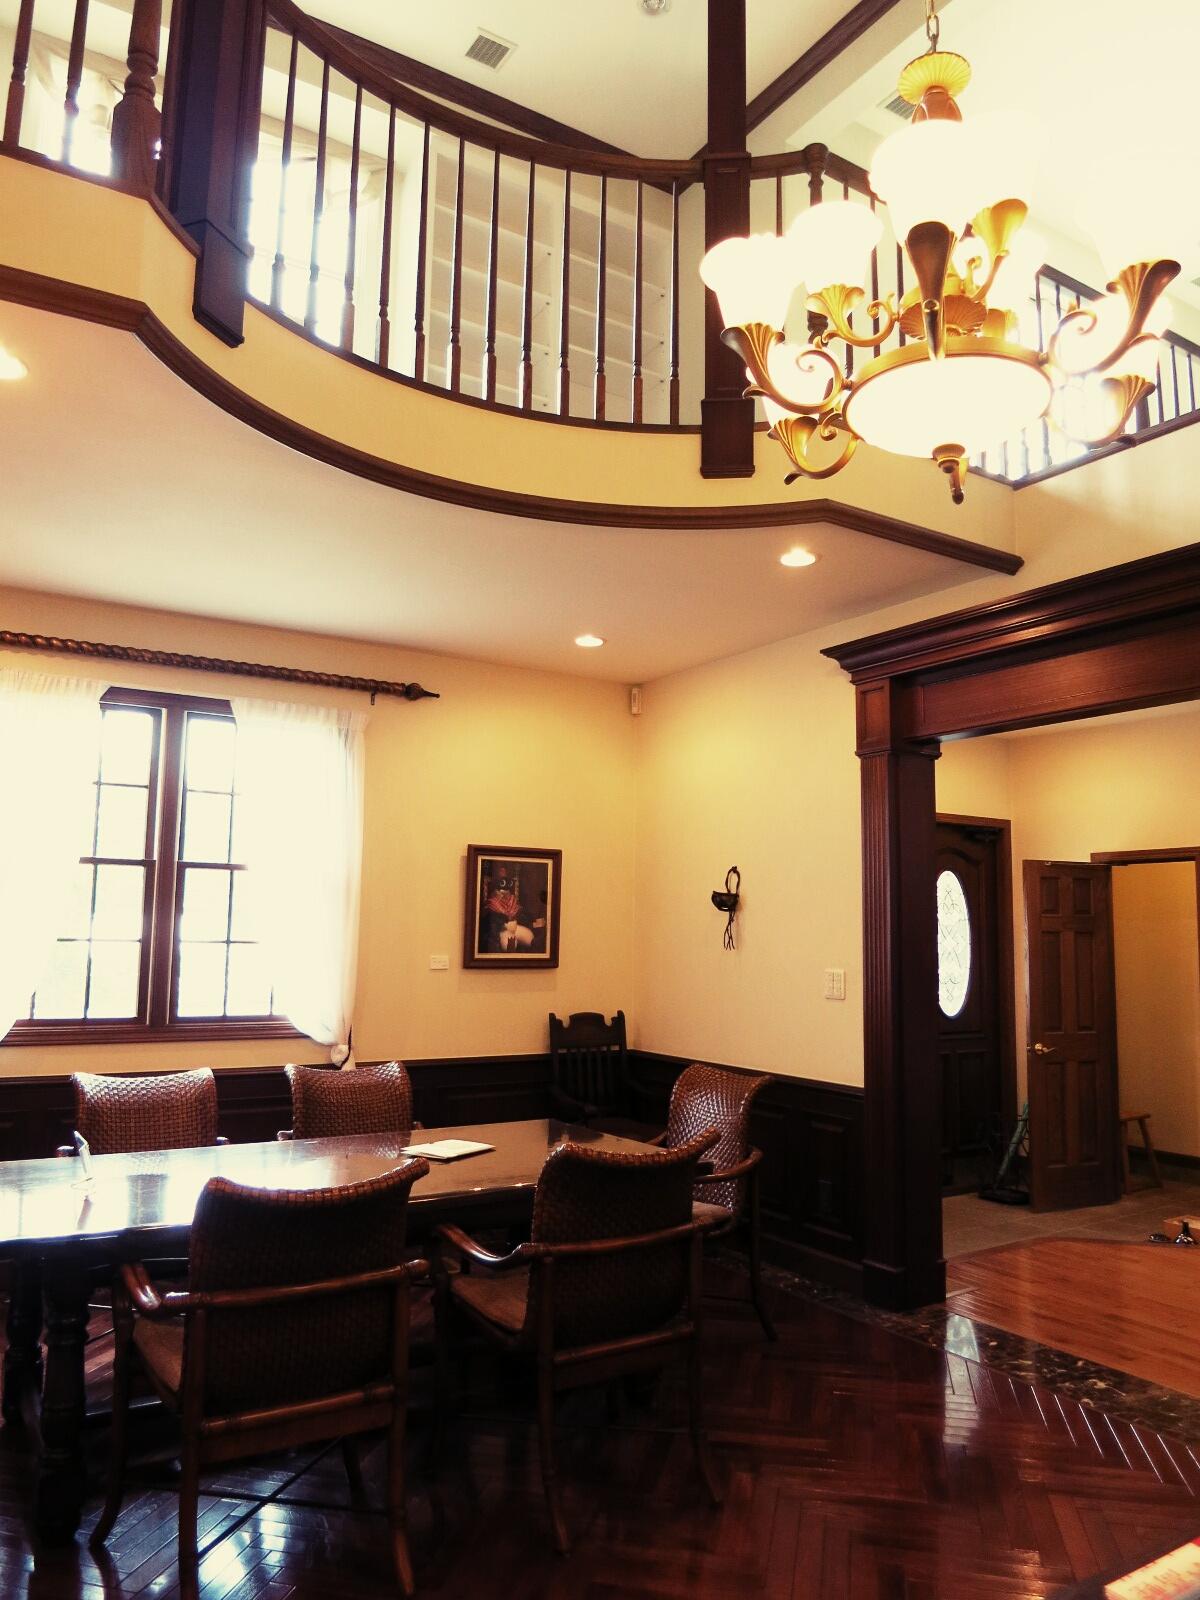 スーパー・マツヤの隣りにカフェがOpen!☆ cocage cafe<移転>_f0236260_18121275.jpg